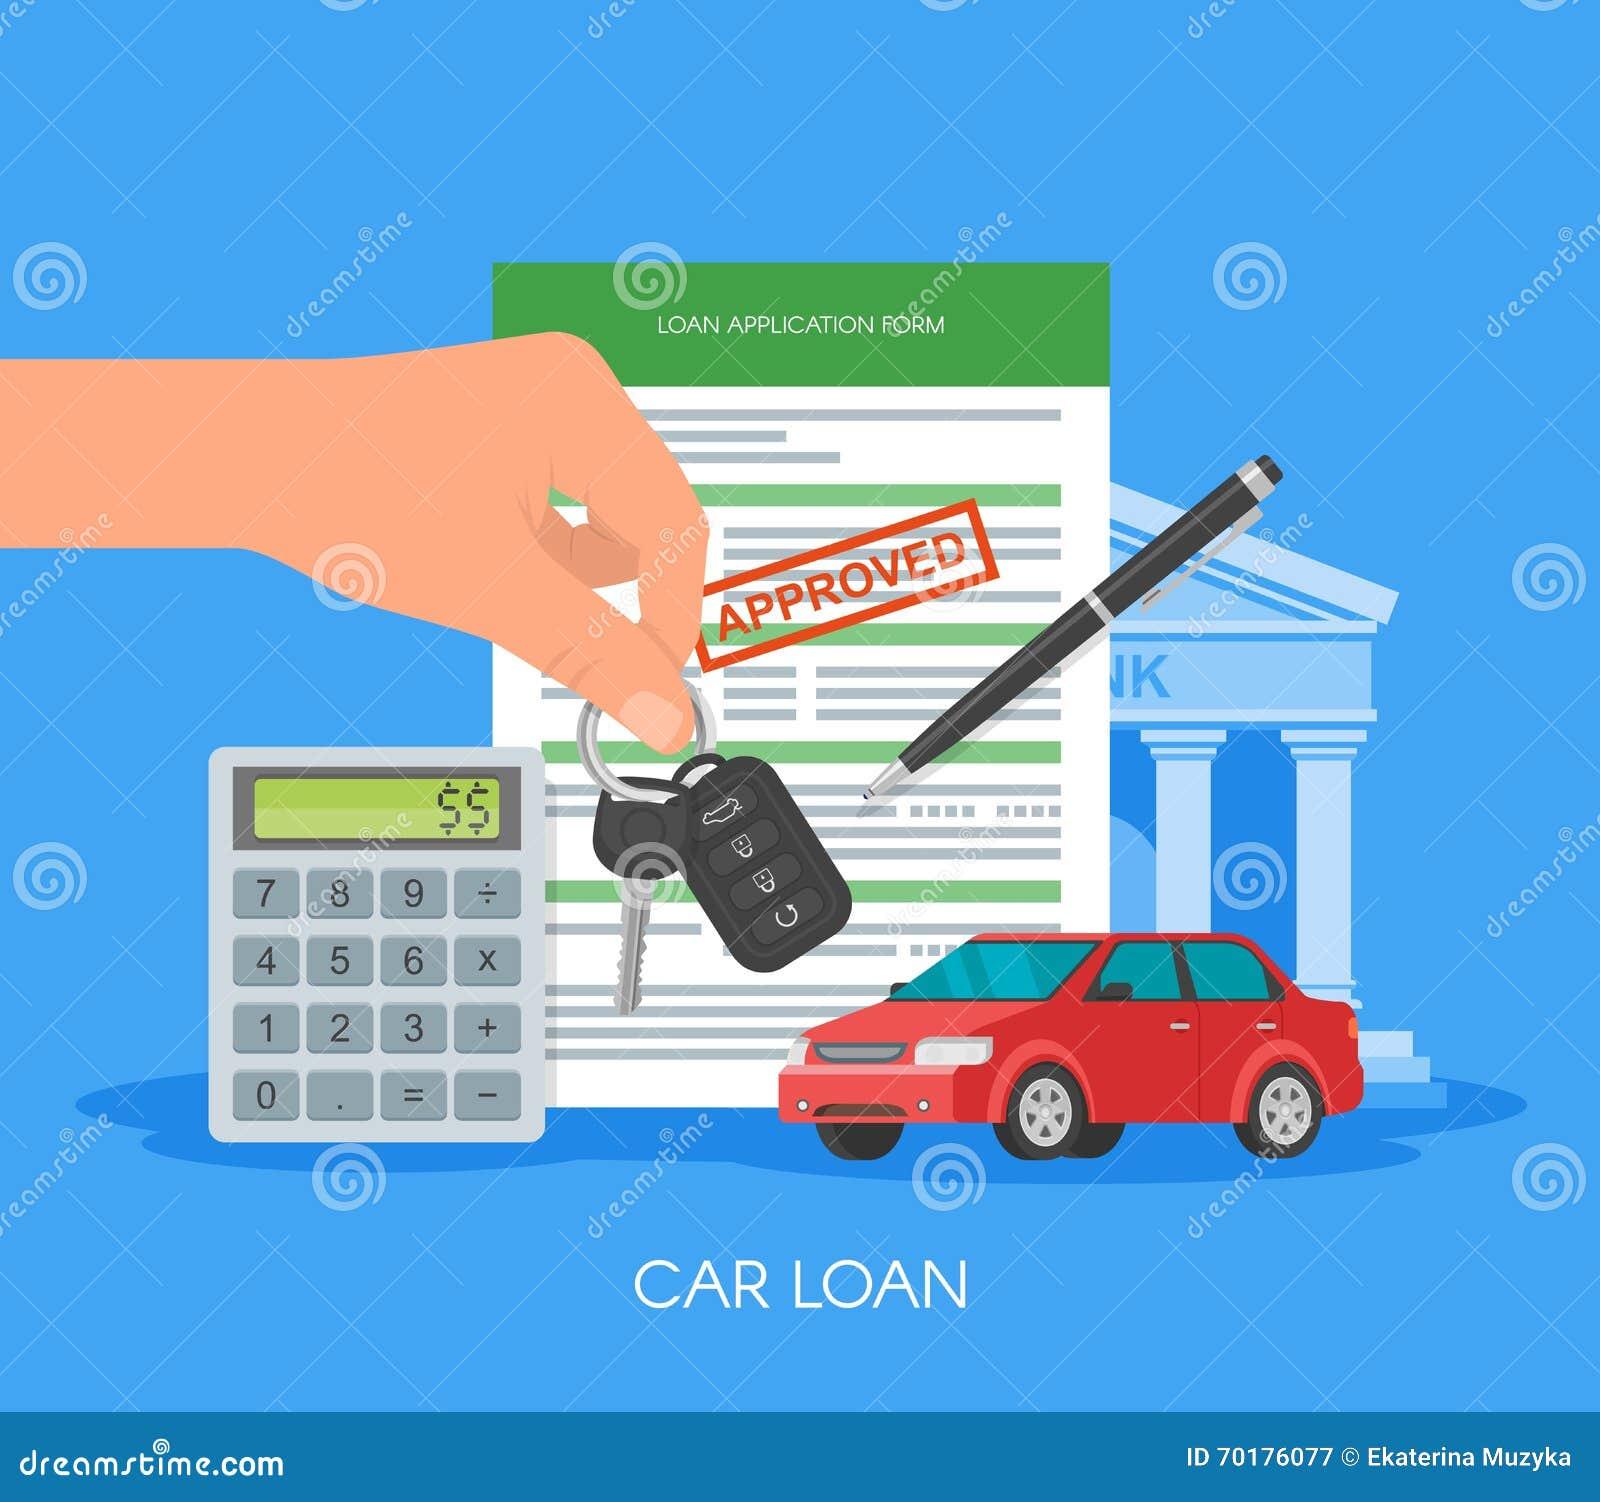 Deliver My Rental Car